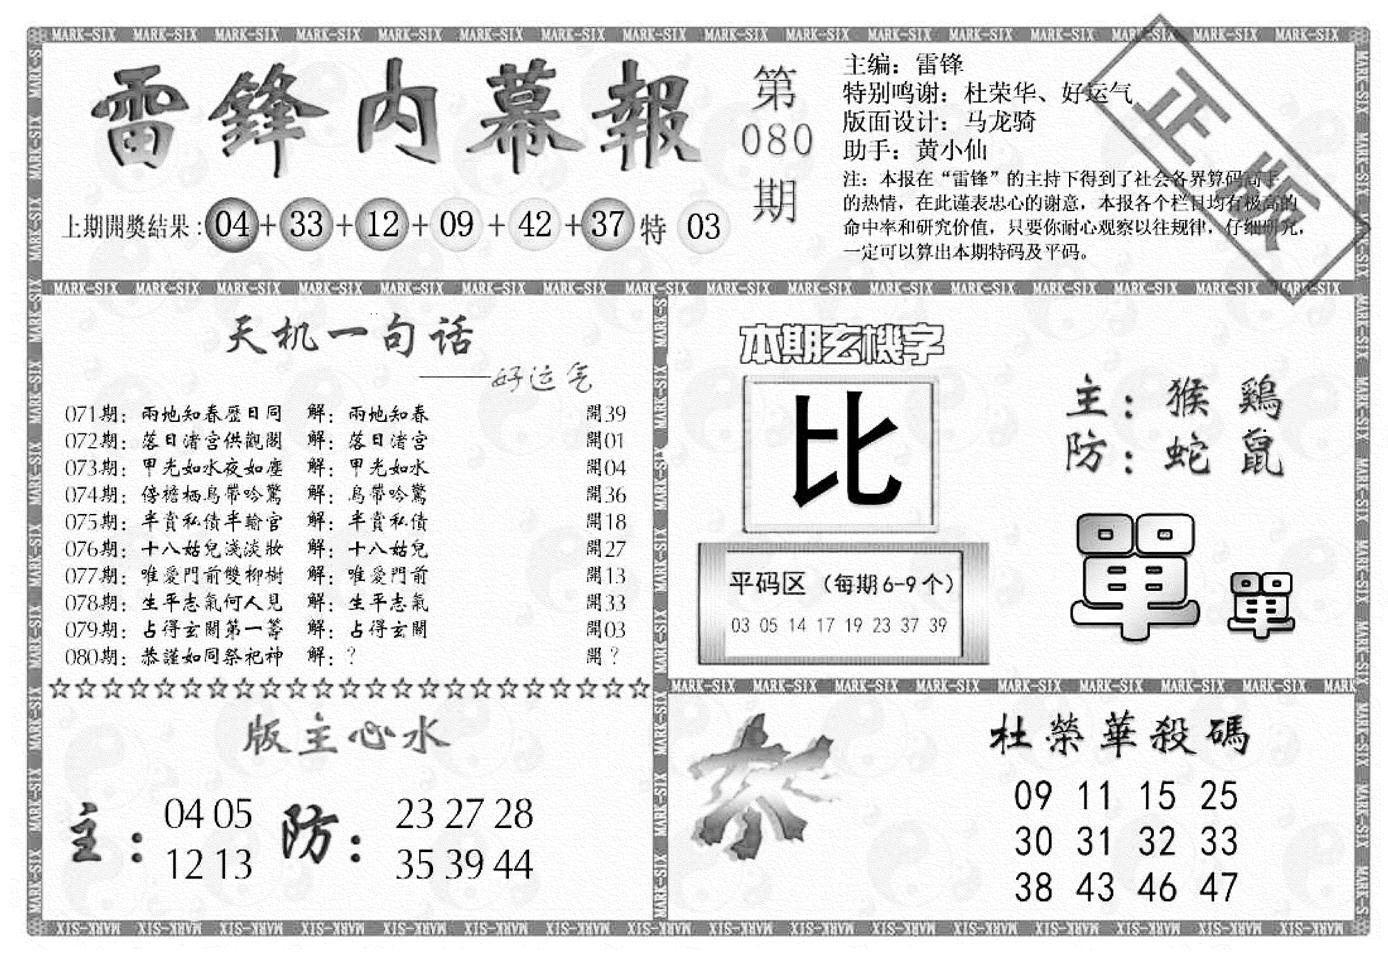 080期雷锋内幕报(黑白)